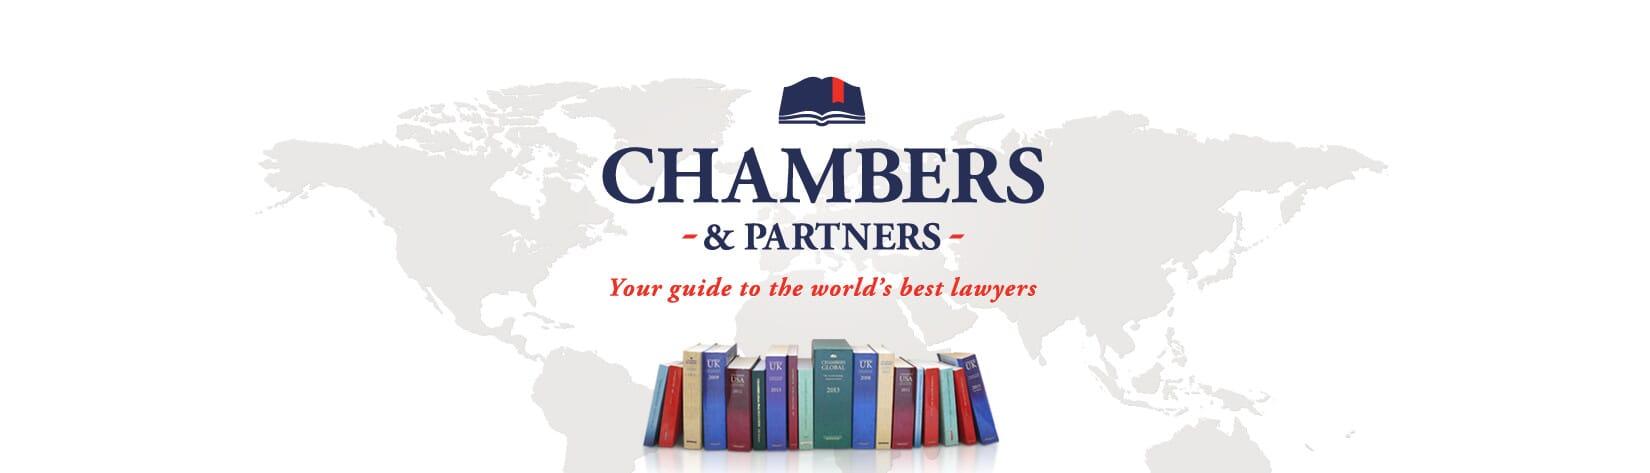 Scarpellini & Naj-Oleari e Marella Naj-Oleari nella classifica Chambers & Partners